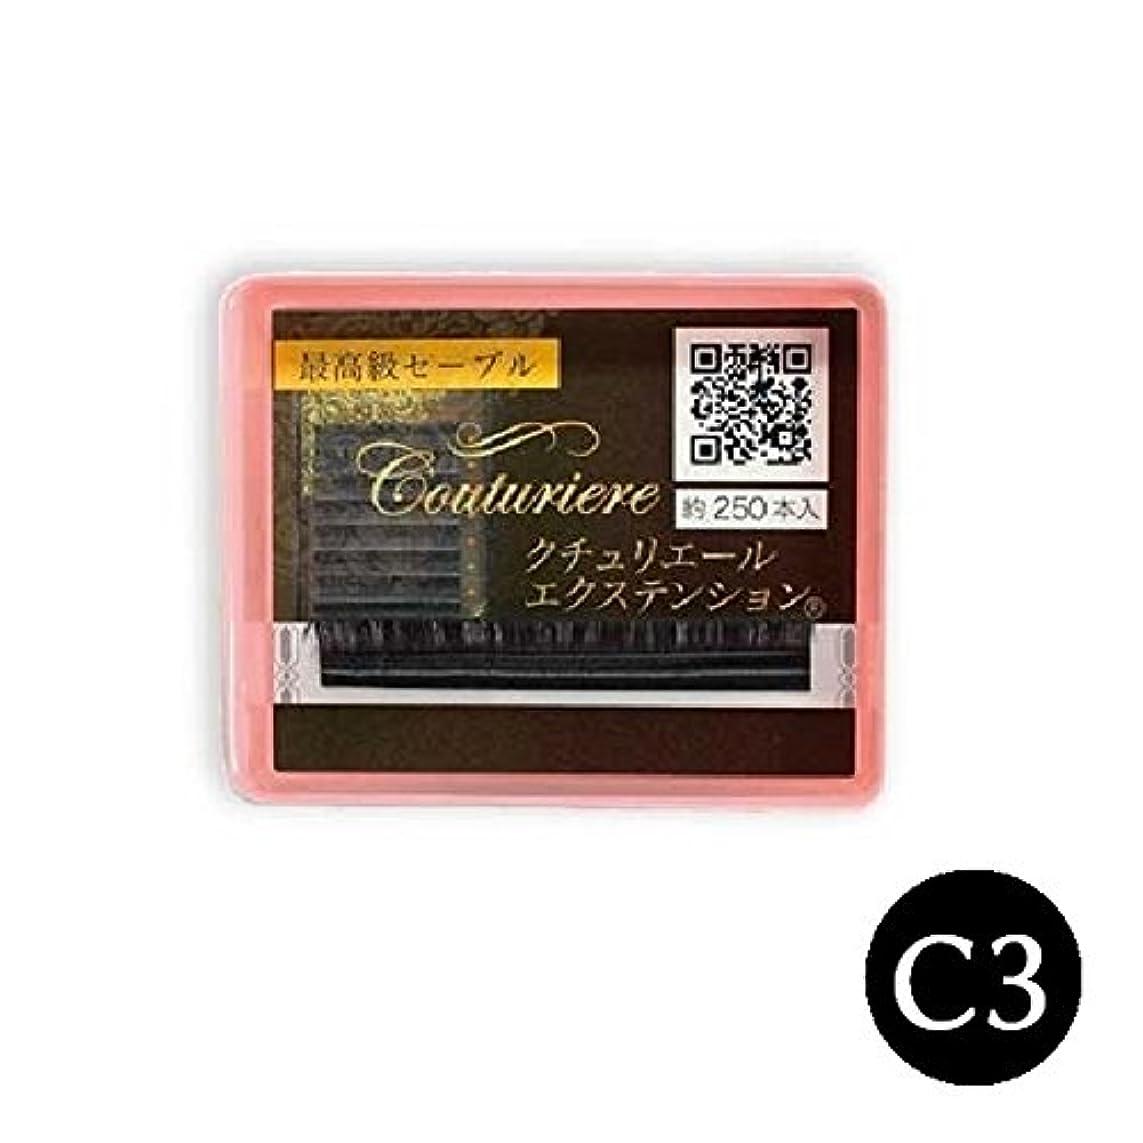 ジム加速度ファイアルまつげエクステ マツエク クチュリエール C3カール (1列) (0.18mm 8mm)